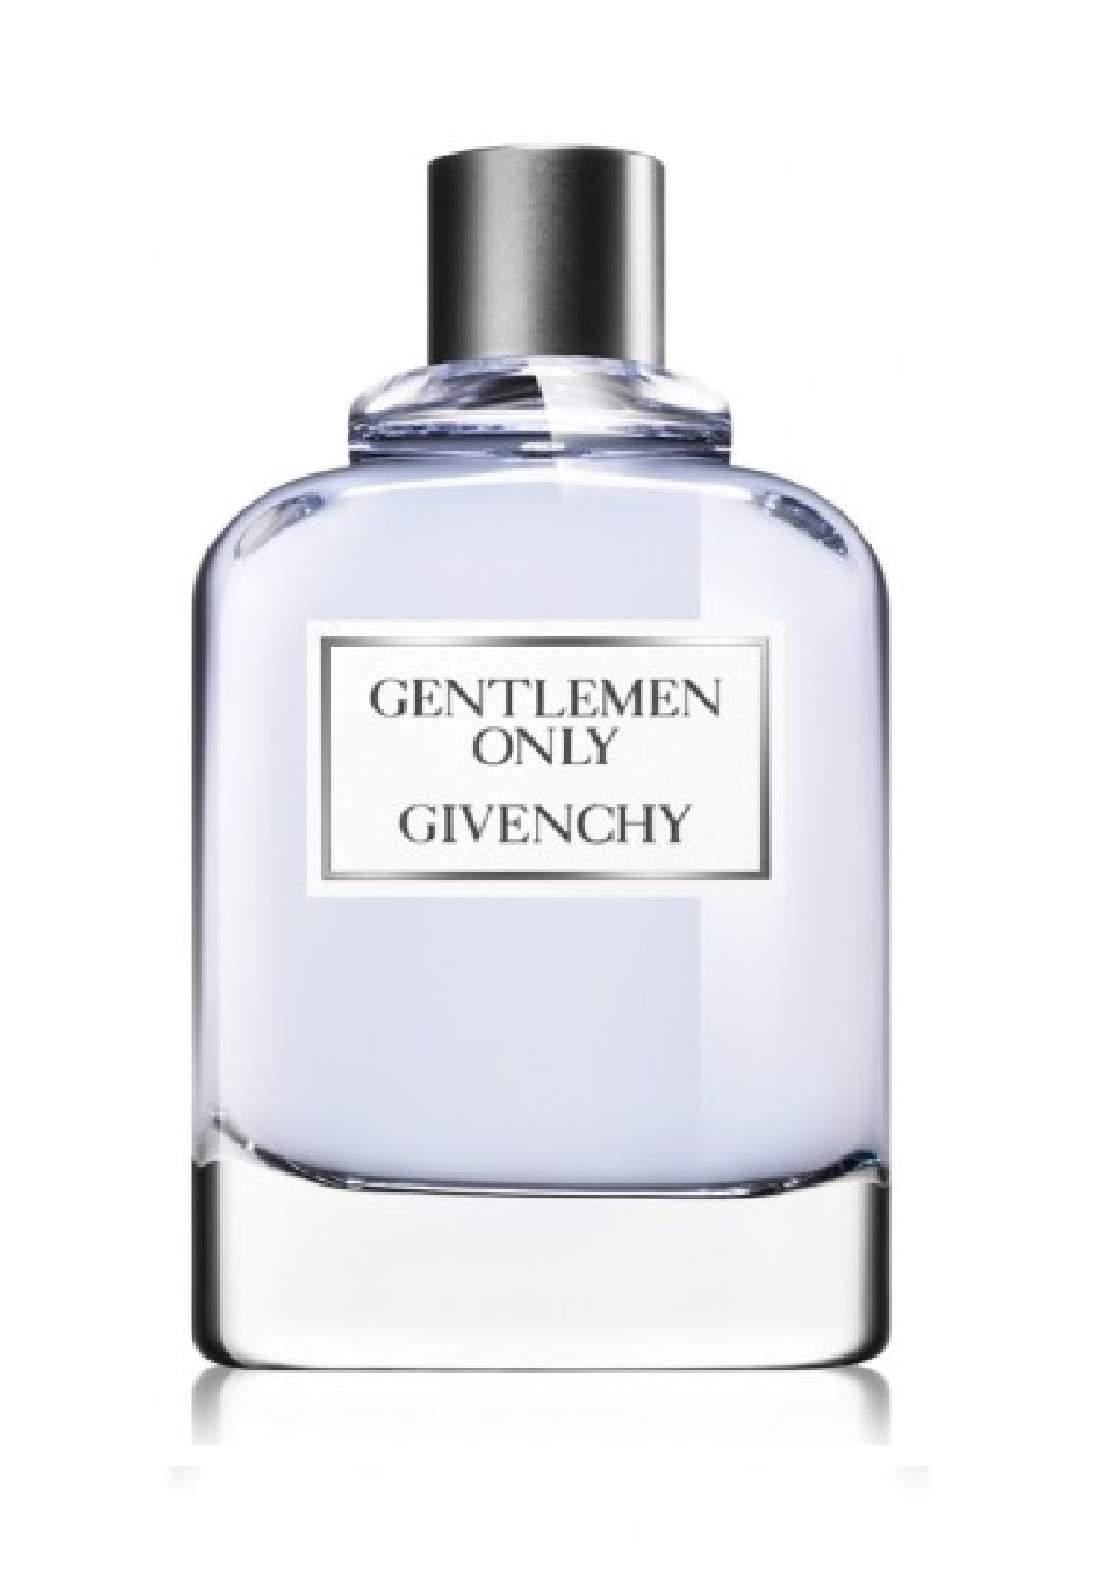 Givenchy Gentlemen Only Edt For Men 100ml  عطر رجالي